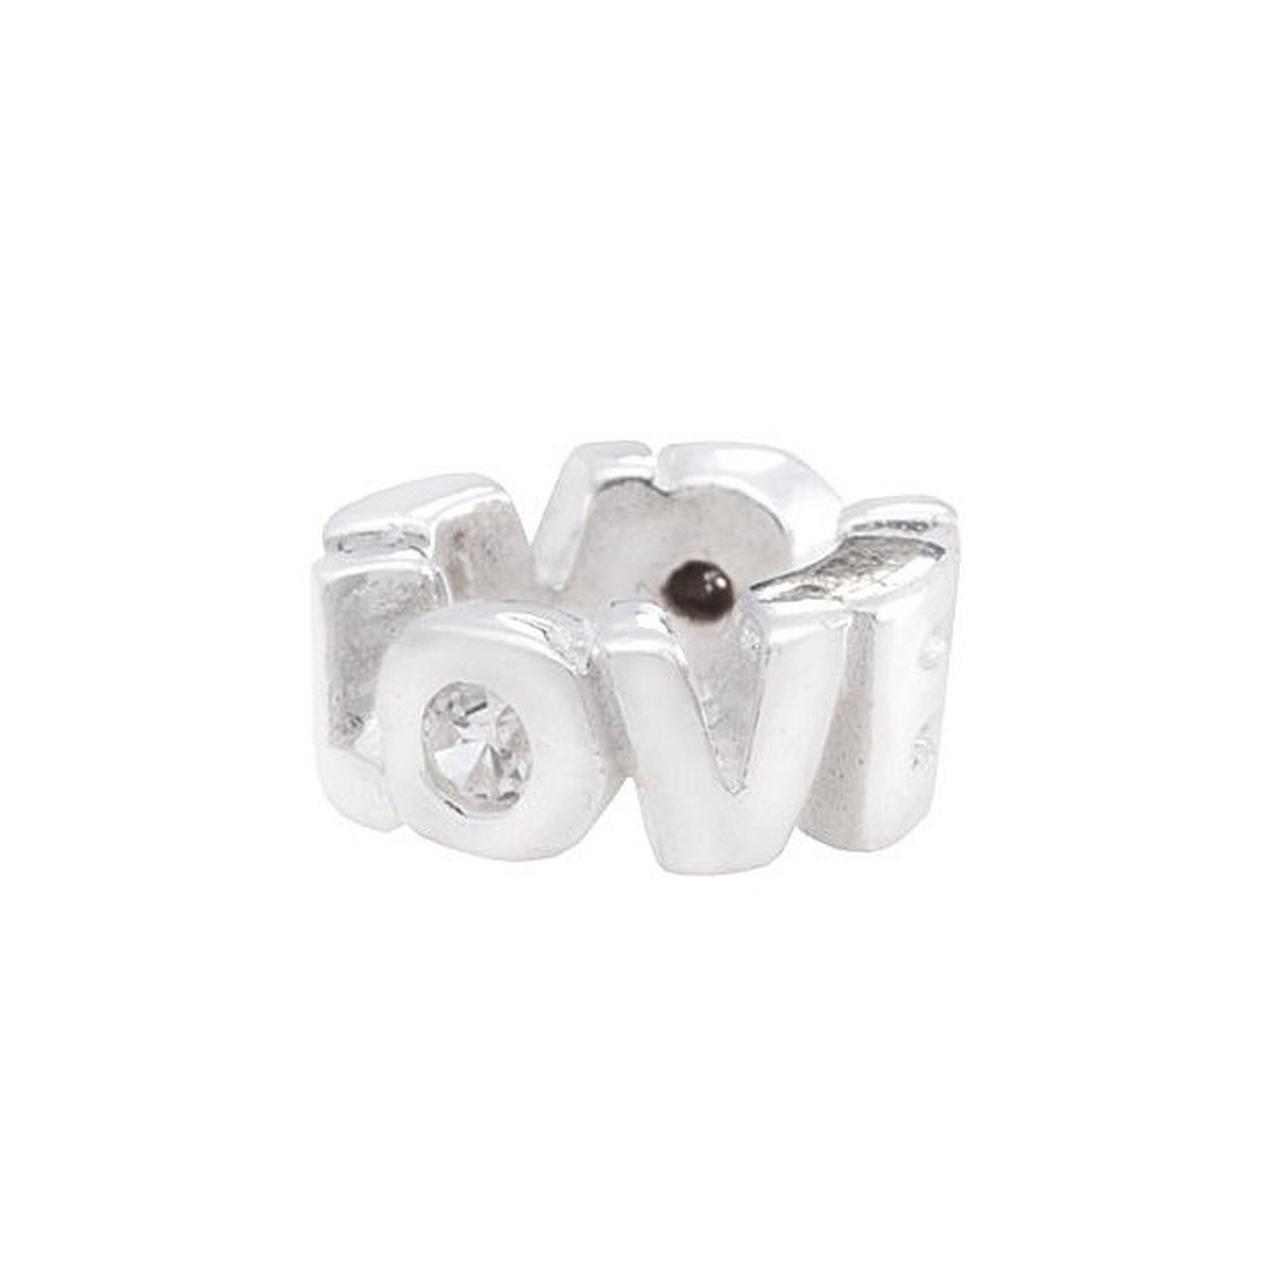 Складальна підвіска зі срібла (210665)